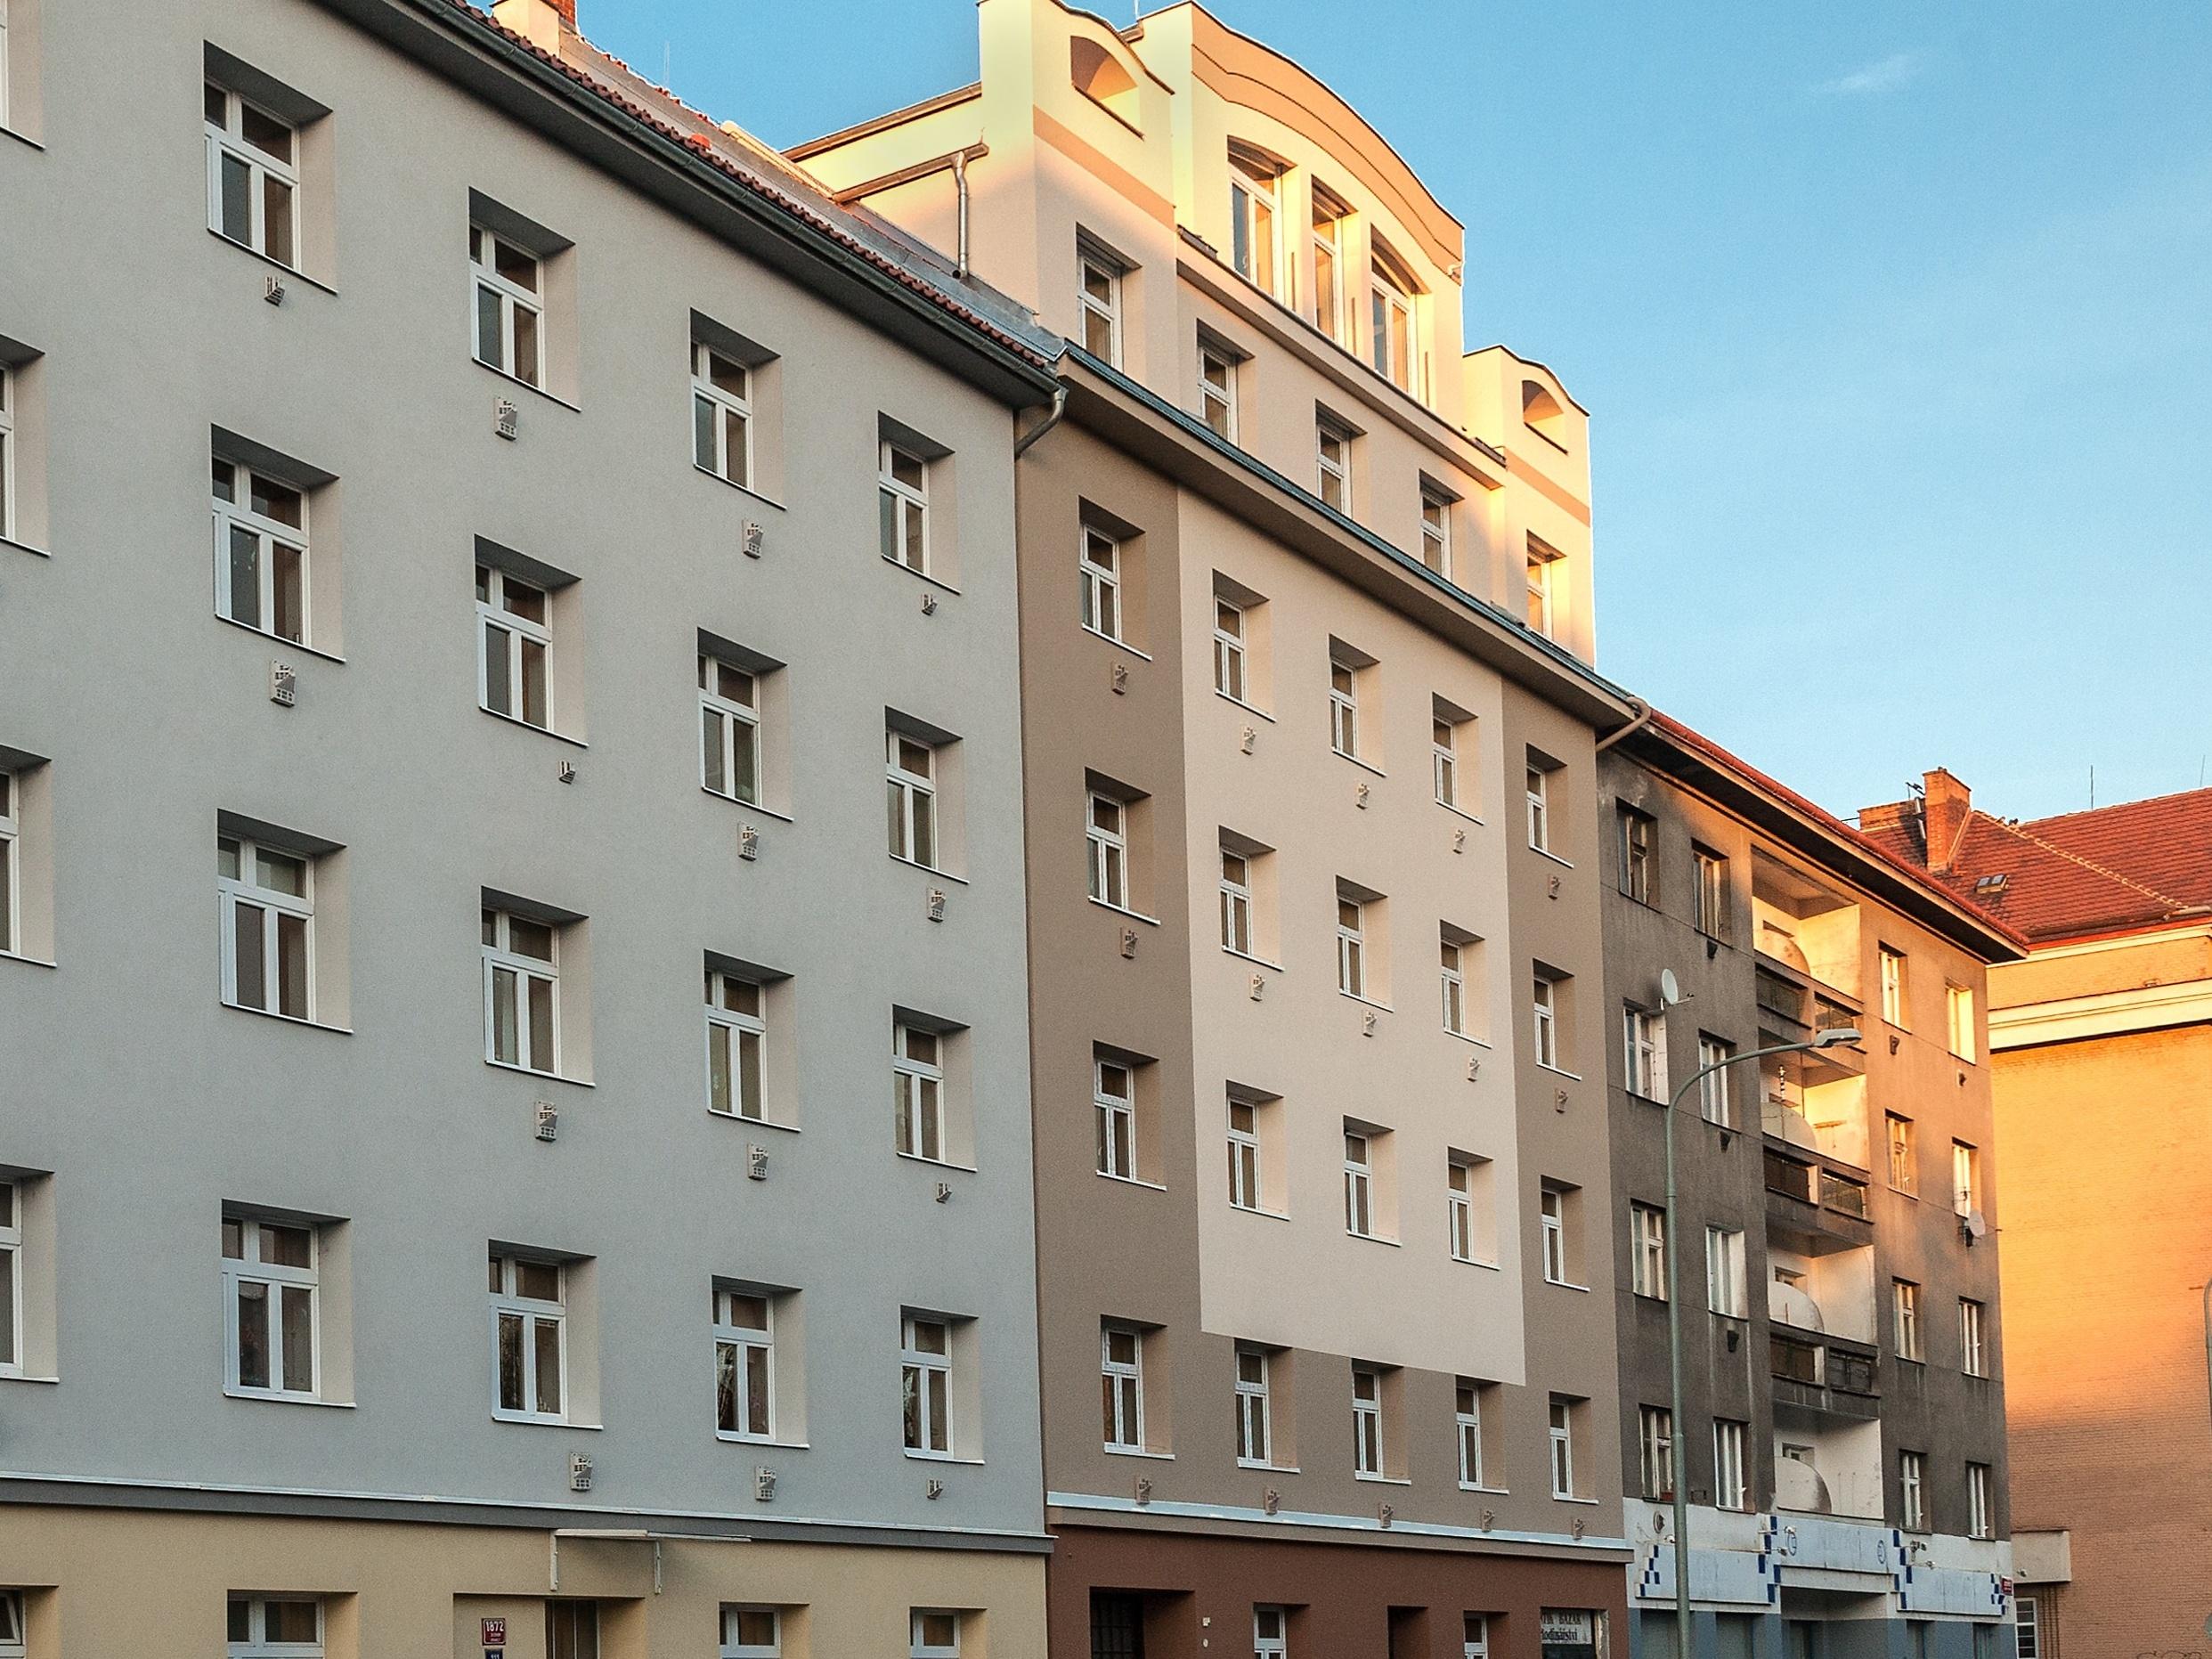 Nová zelená úsporám: nově na výstavbu nízkoenergetických bytových domů, zelené střechy a využívání tepla z odpadní vody